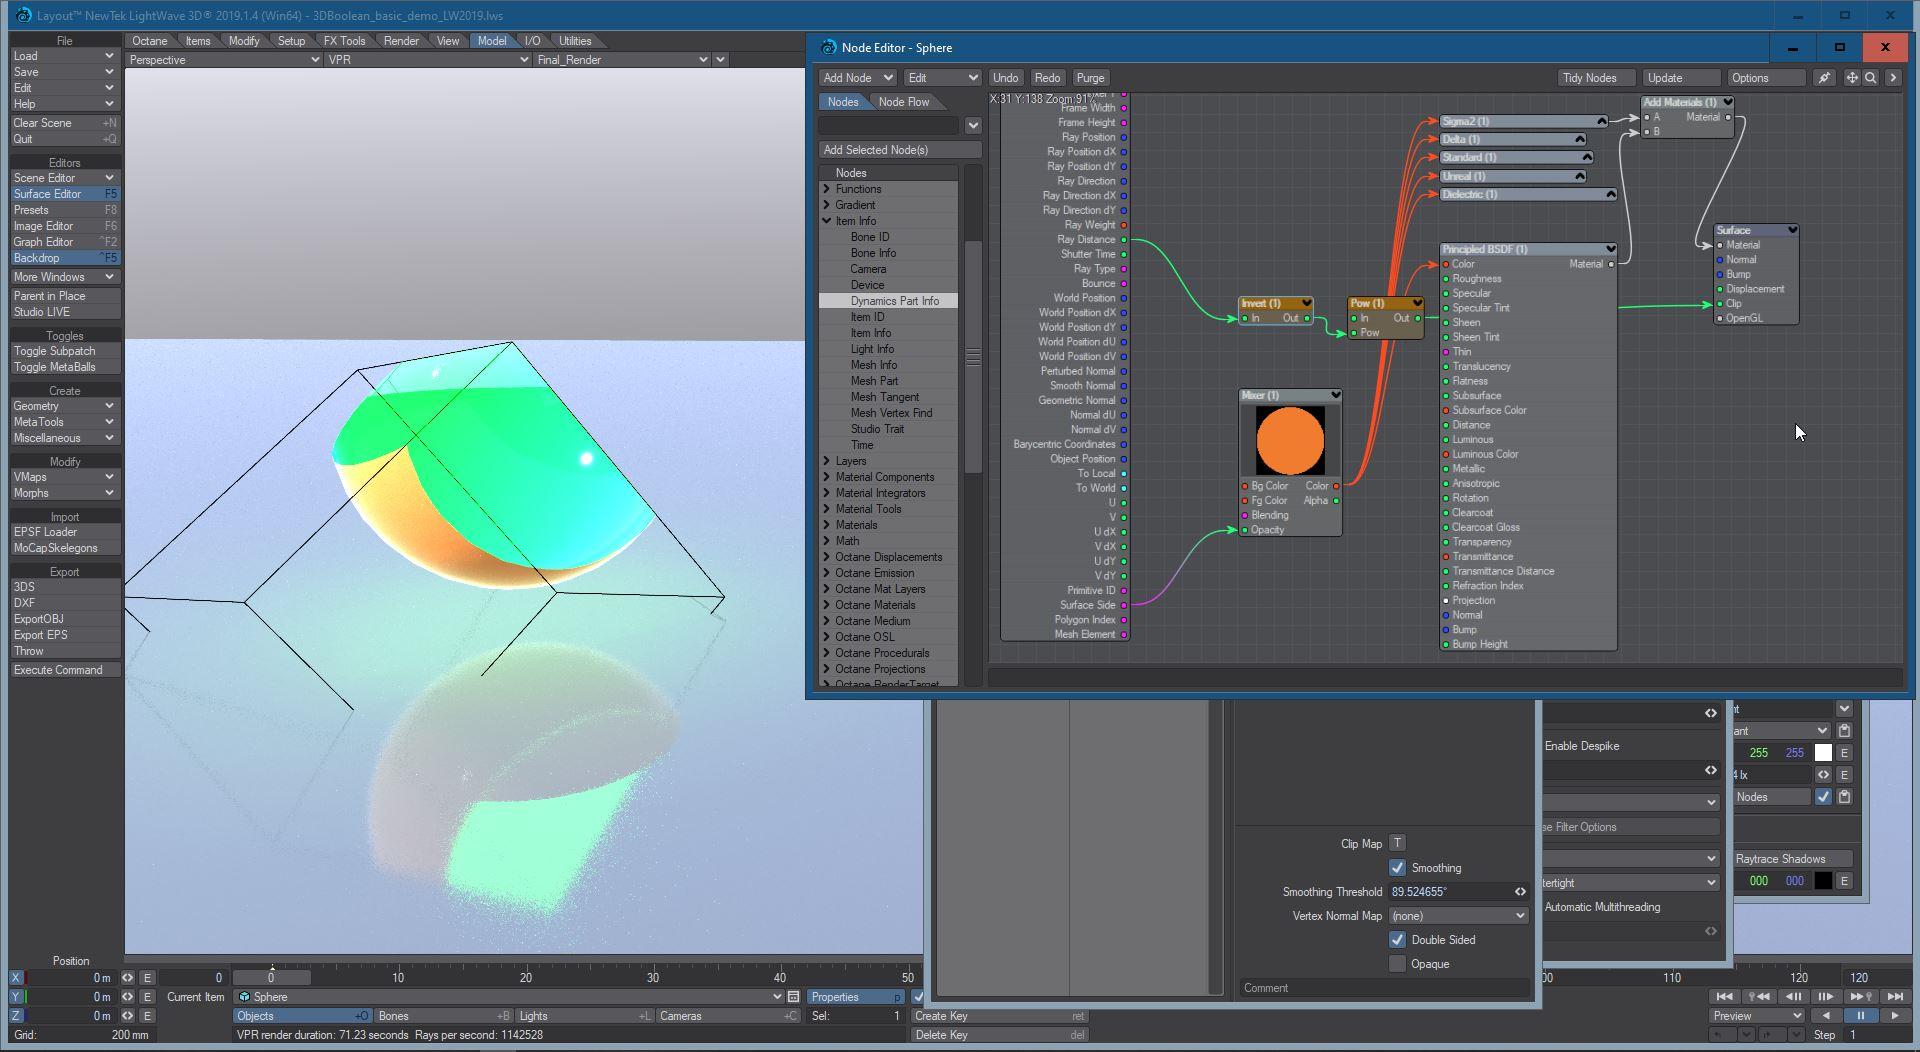 Nome: 2020-02-14 14_24_00-Layout™ NewTek LightWave 3D® 2019.1.4 (Win64) - 3DBoolean_basic_demo_LW2019..jpg Visite: 156 Dimensione: 240.9 KB